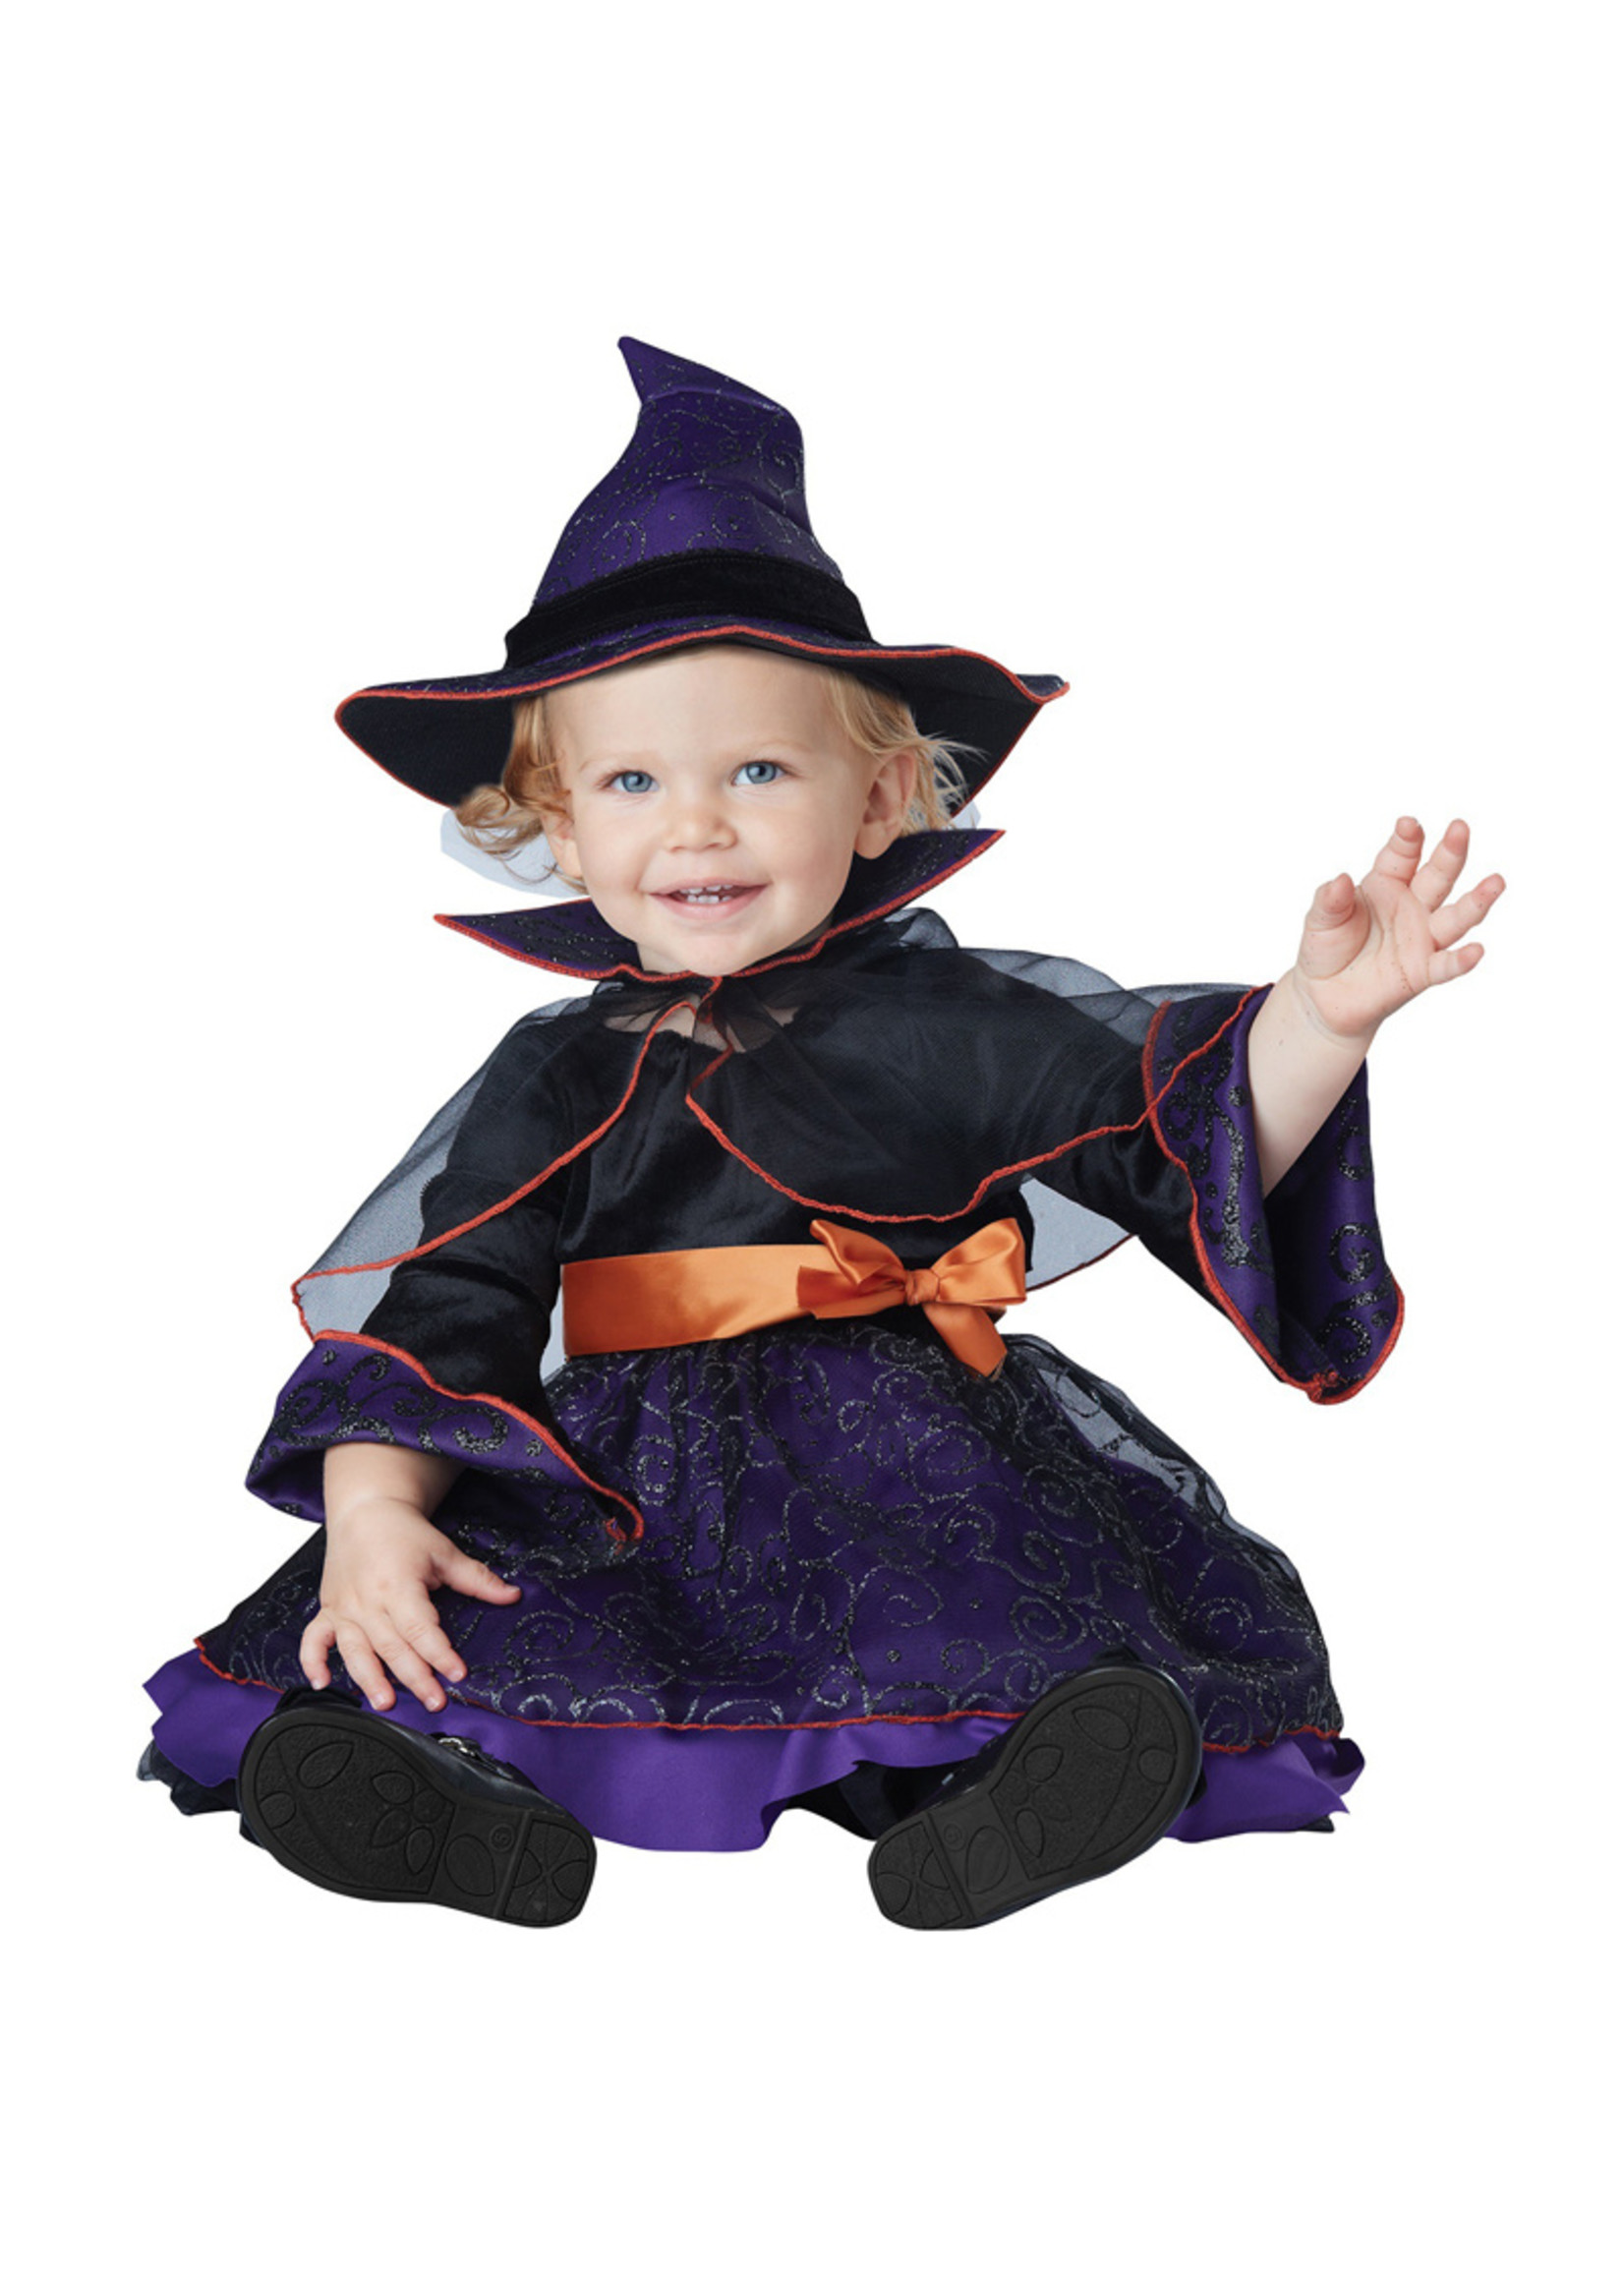 Hocus Pocus Costume - Infant